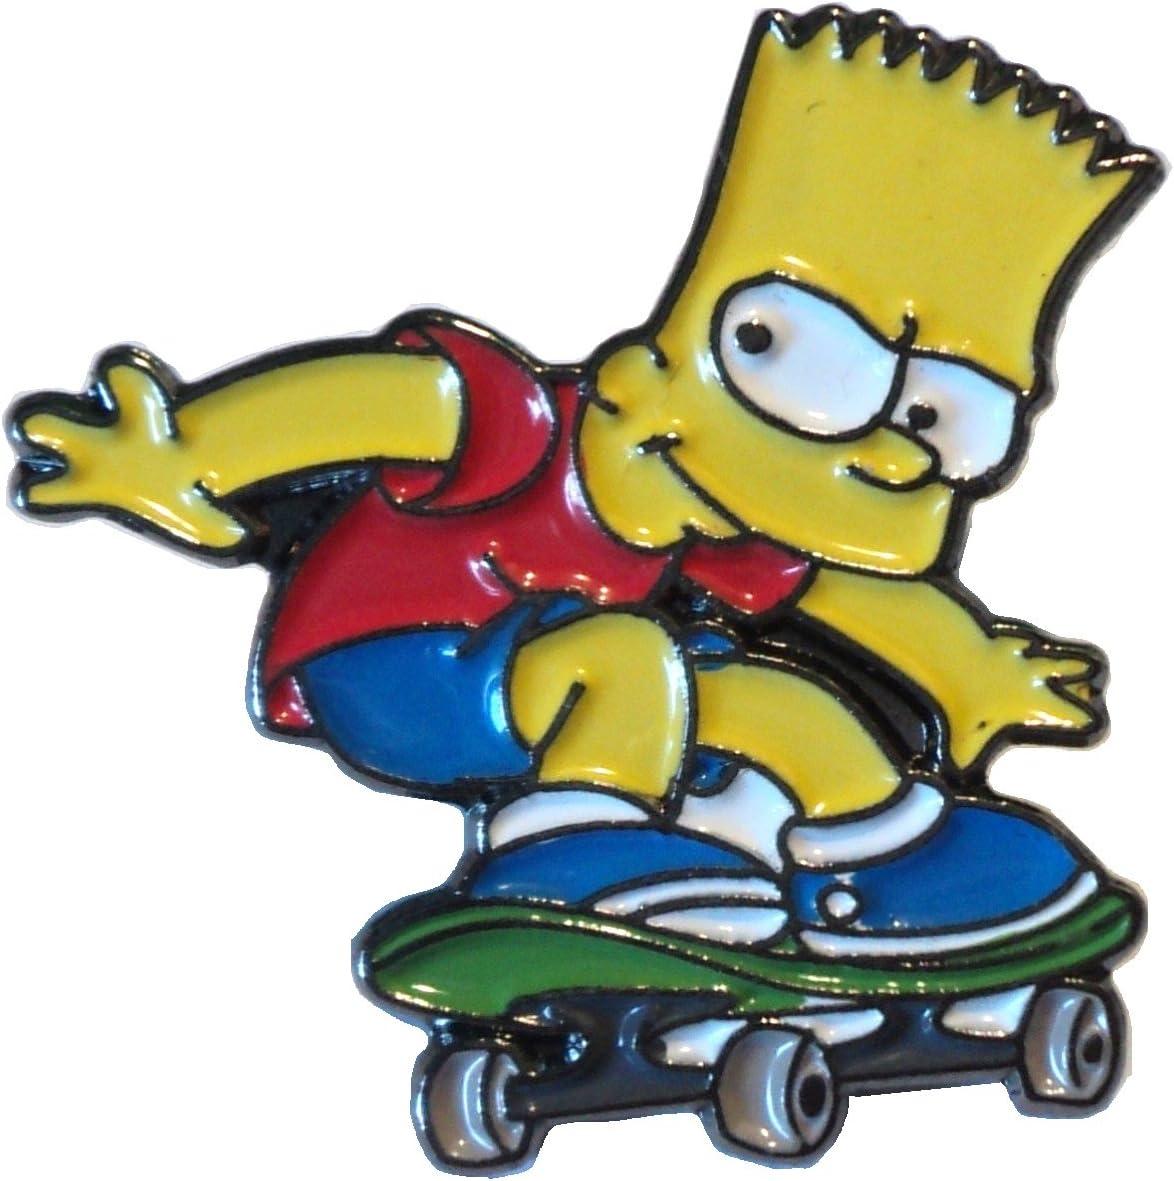 /émail Motif: Bart Simpson . Mainly Metal Broche en m/étal de la s/érie Simpsons TV